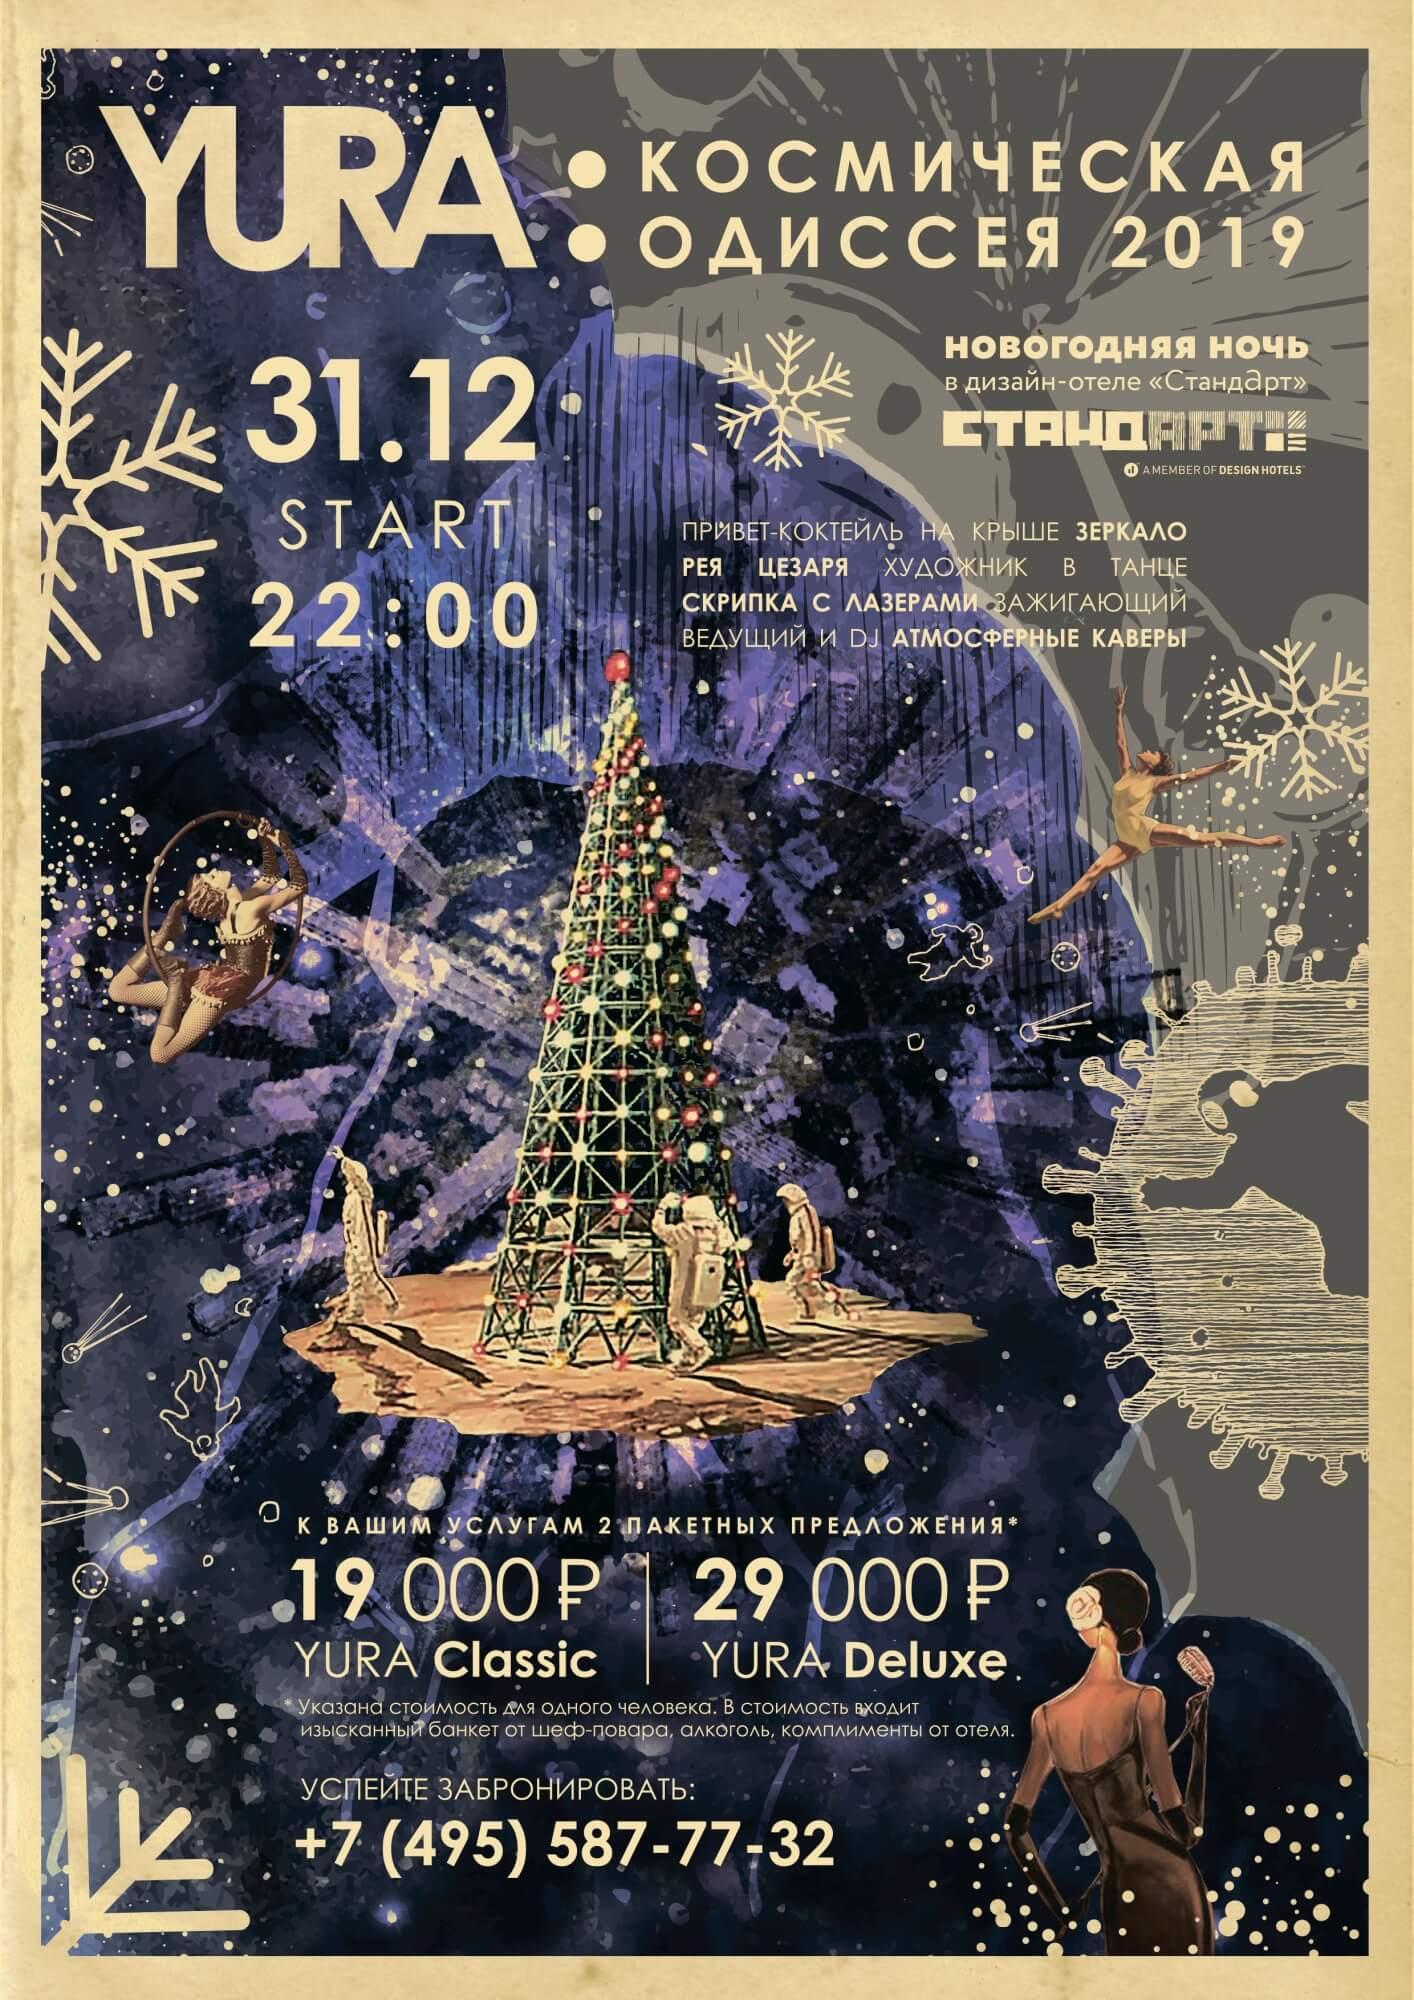 Новогодняя афиша московской гостиницы «СтандАрт»